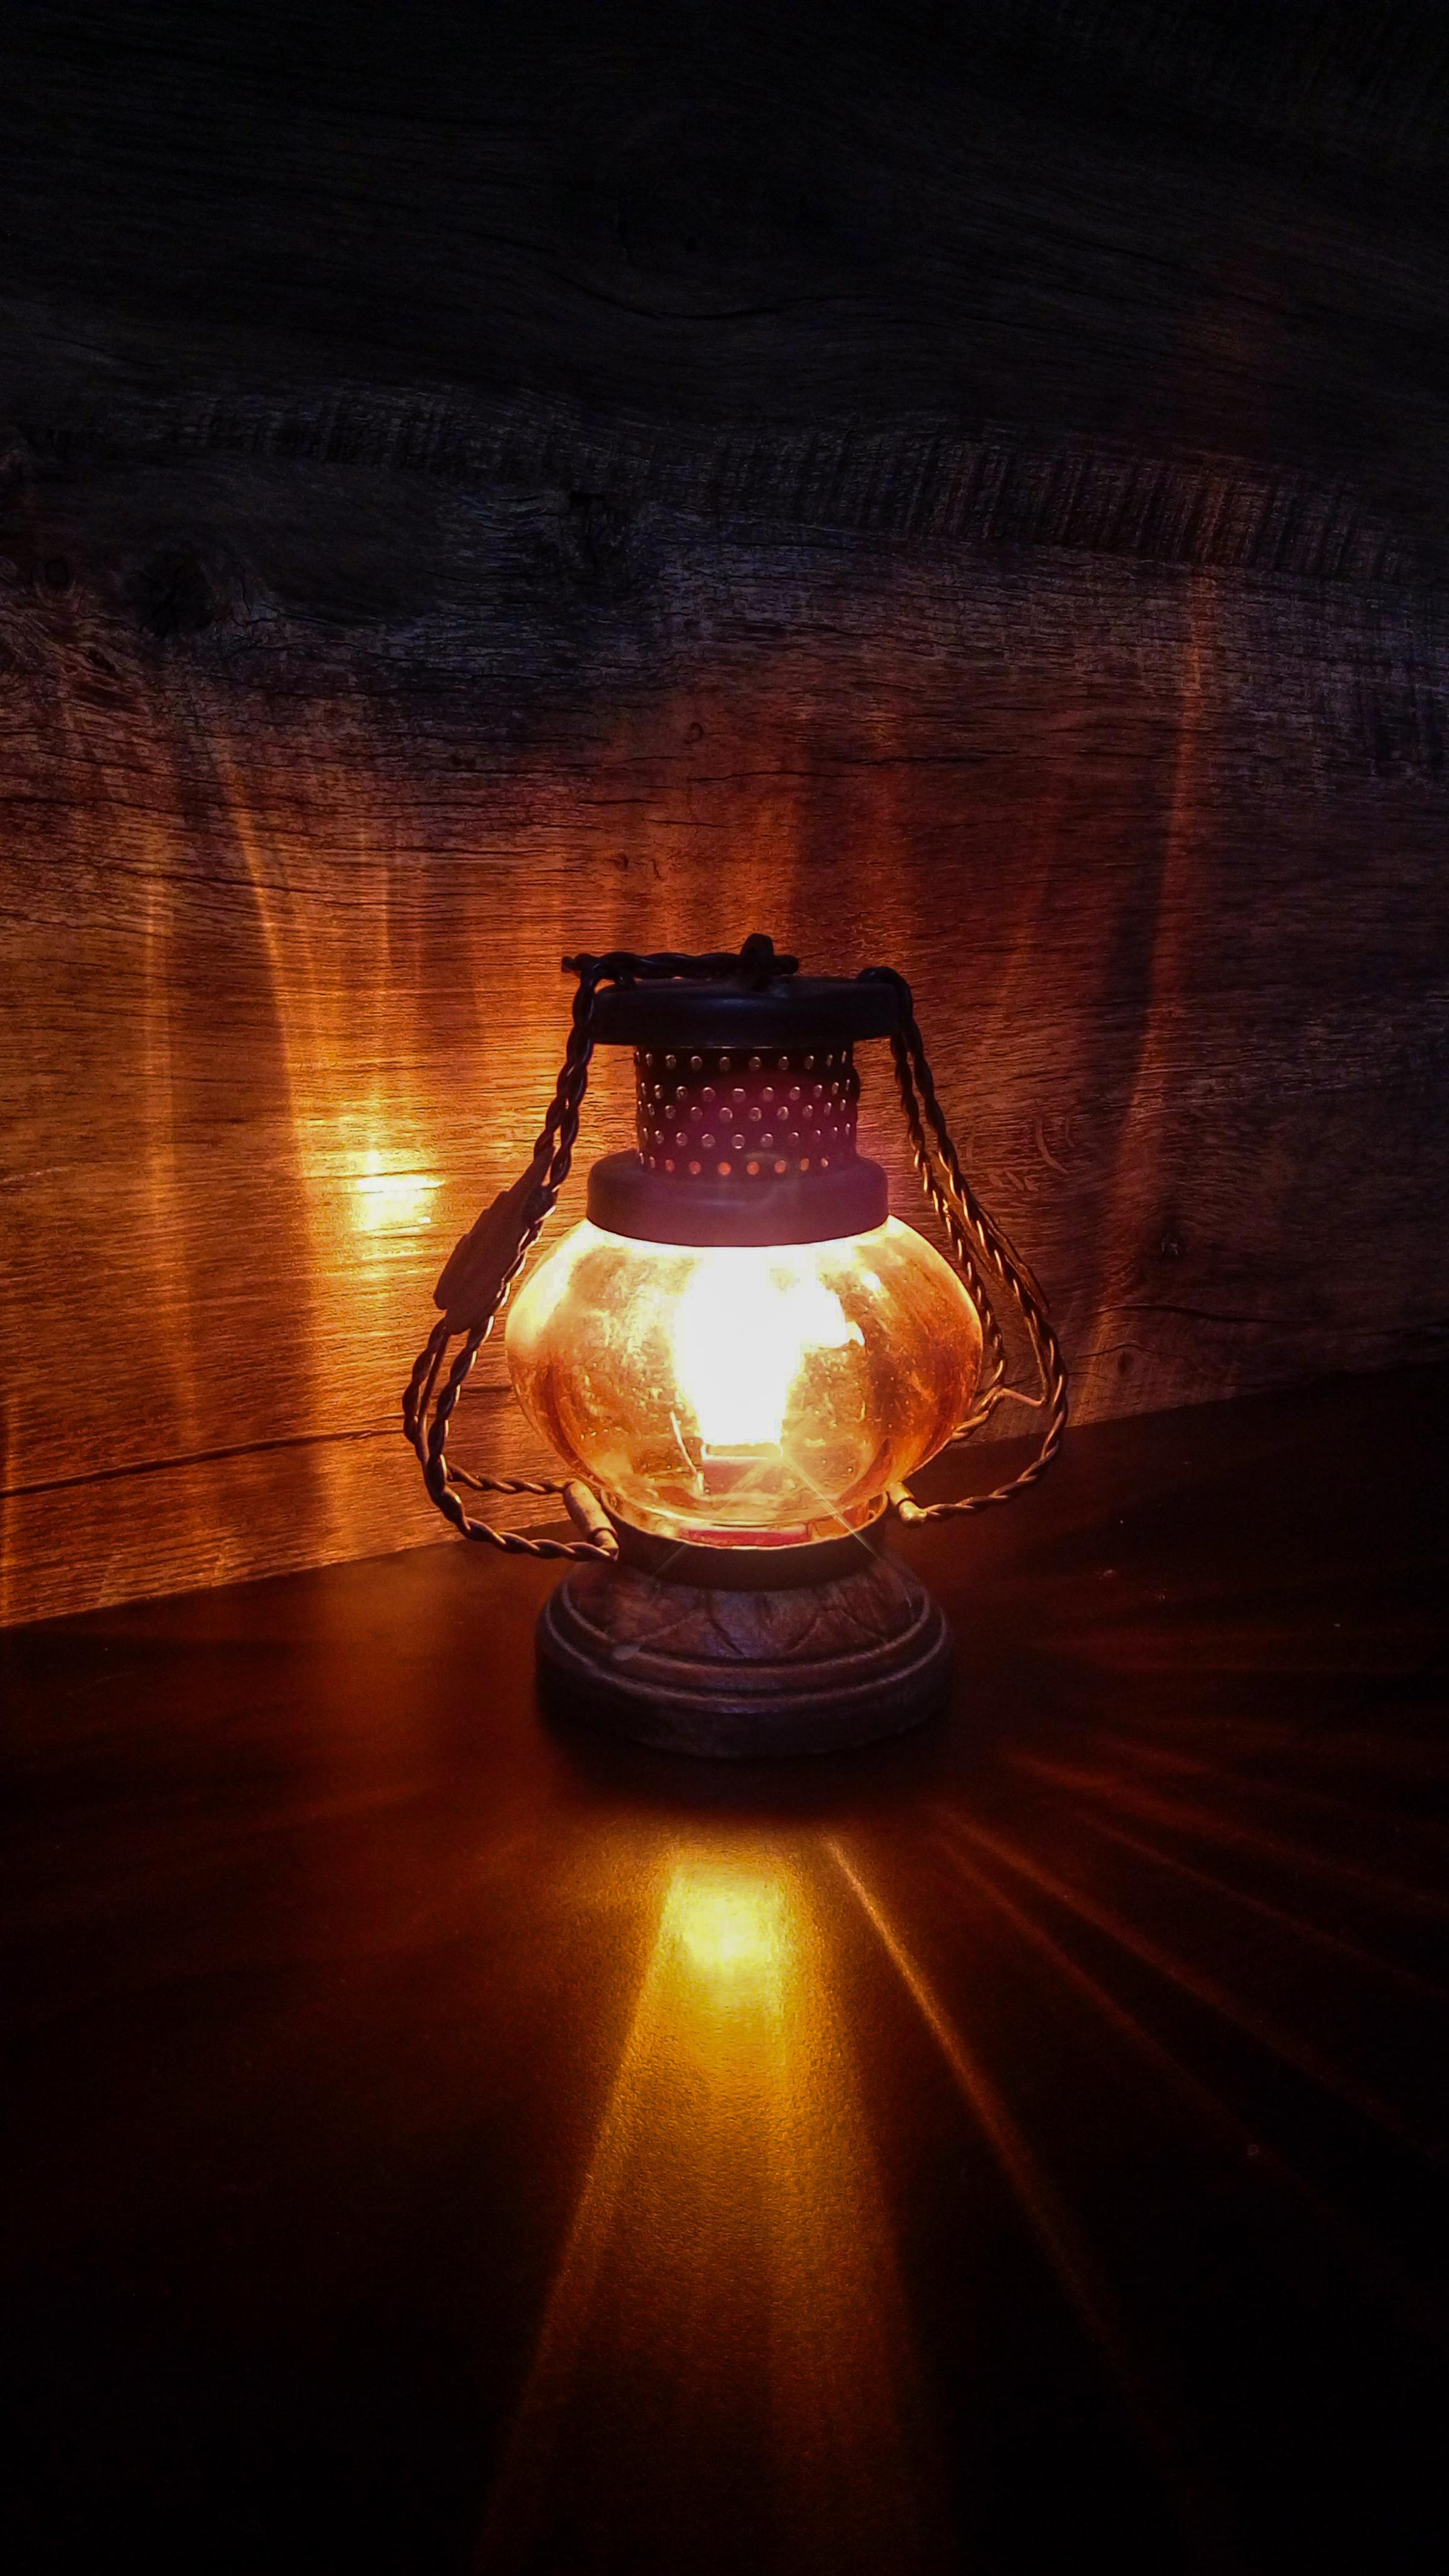 Lampe Energie Solaire Interieur images gratuites : les lampes, énergie, lumière, antique